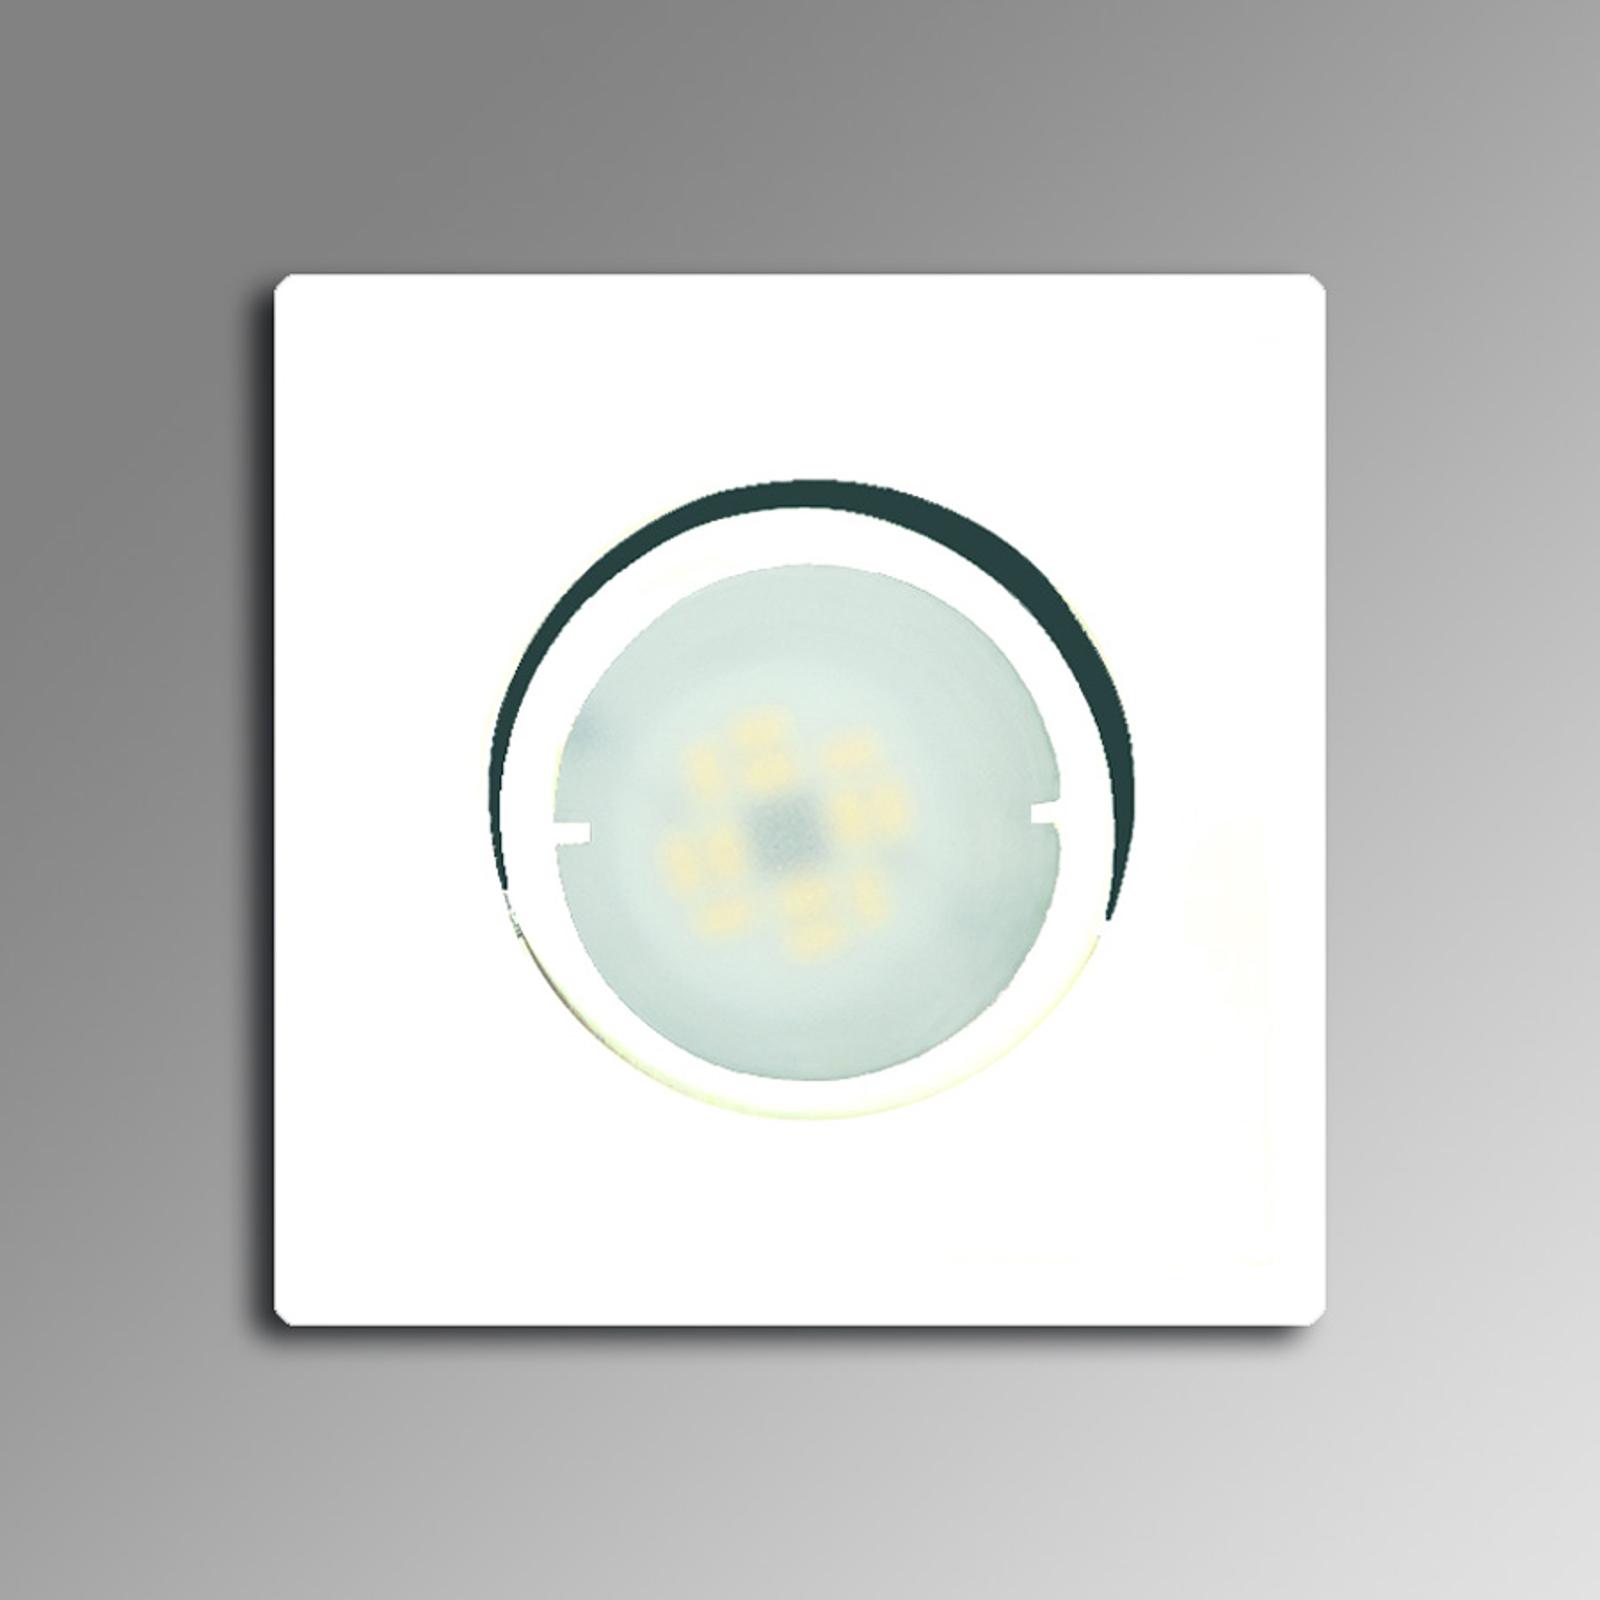 Spot LED incasso Joanie, orientabile, bianco